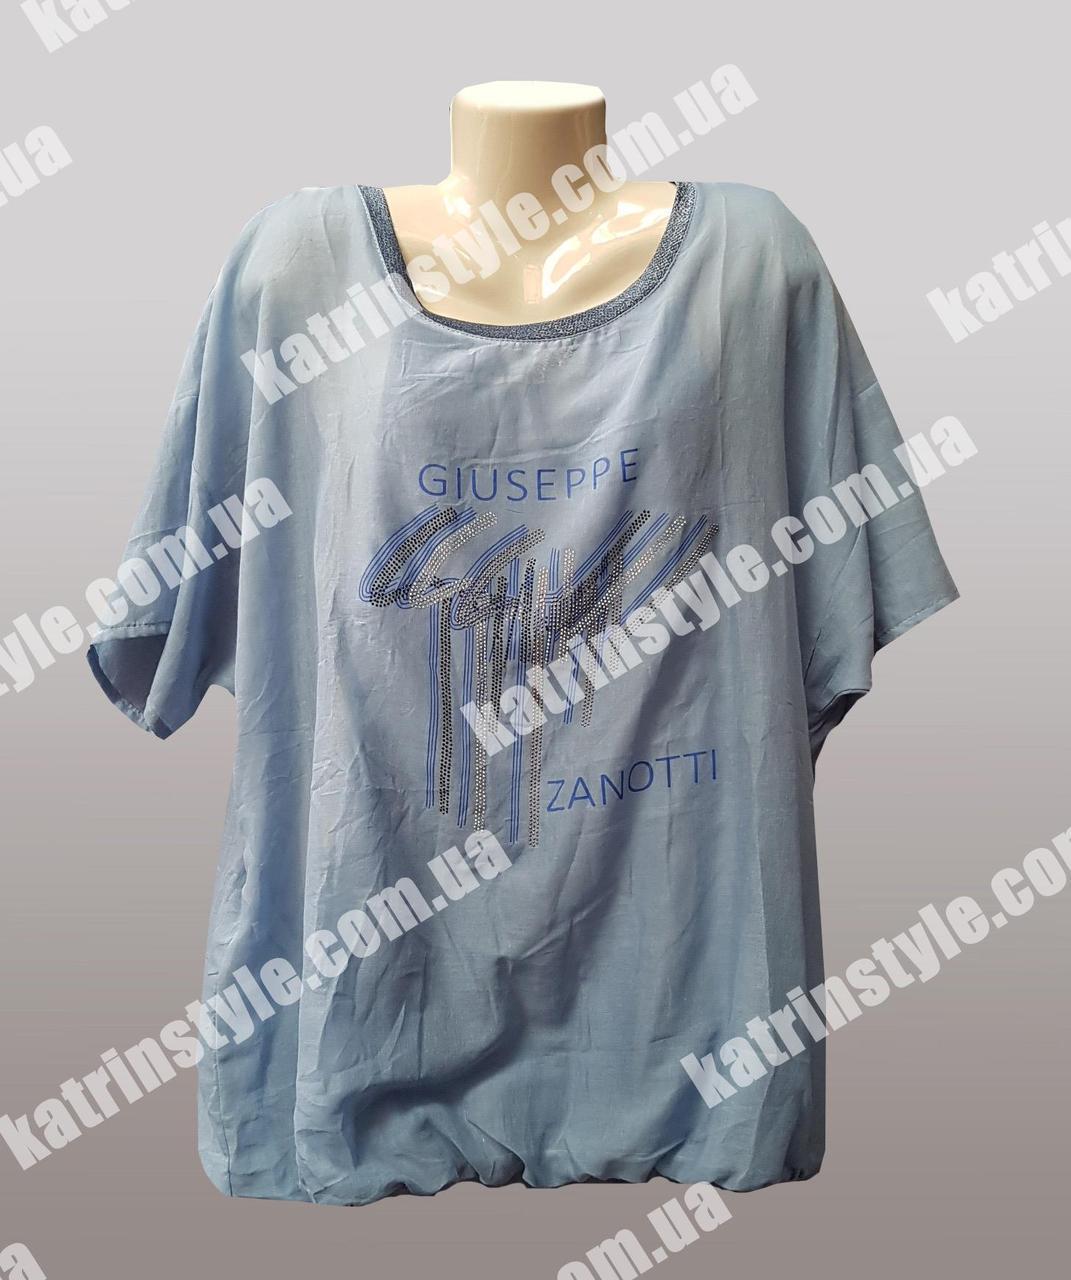 Купить блузку женскую больших размеров в интернет магазине